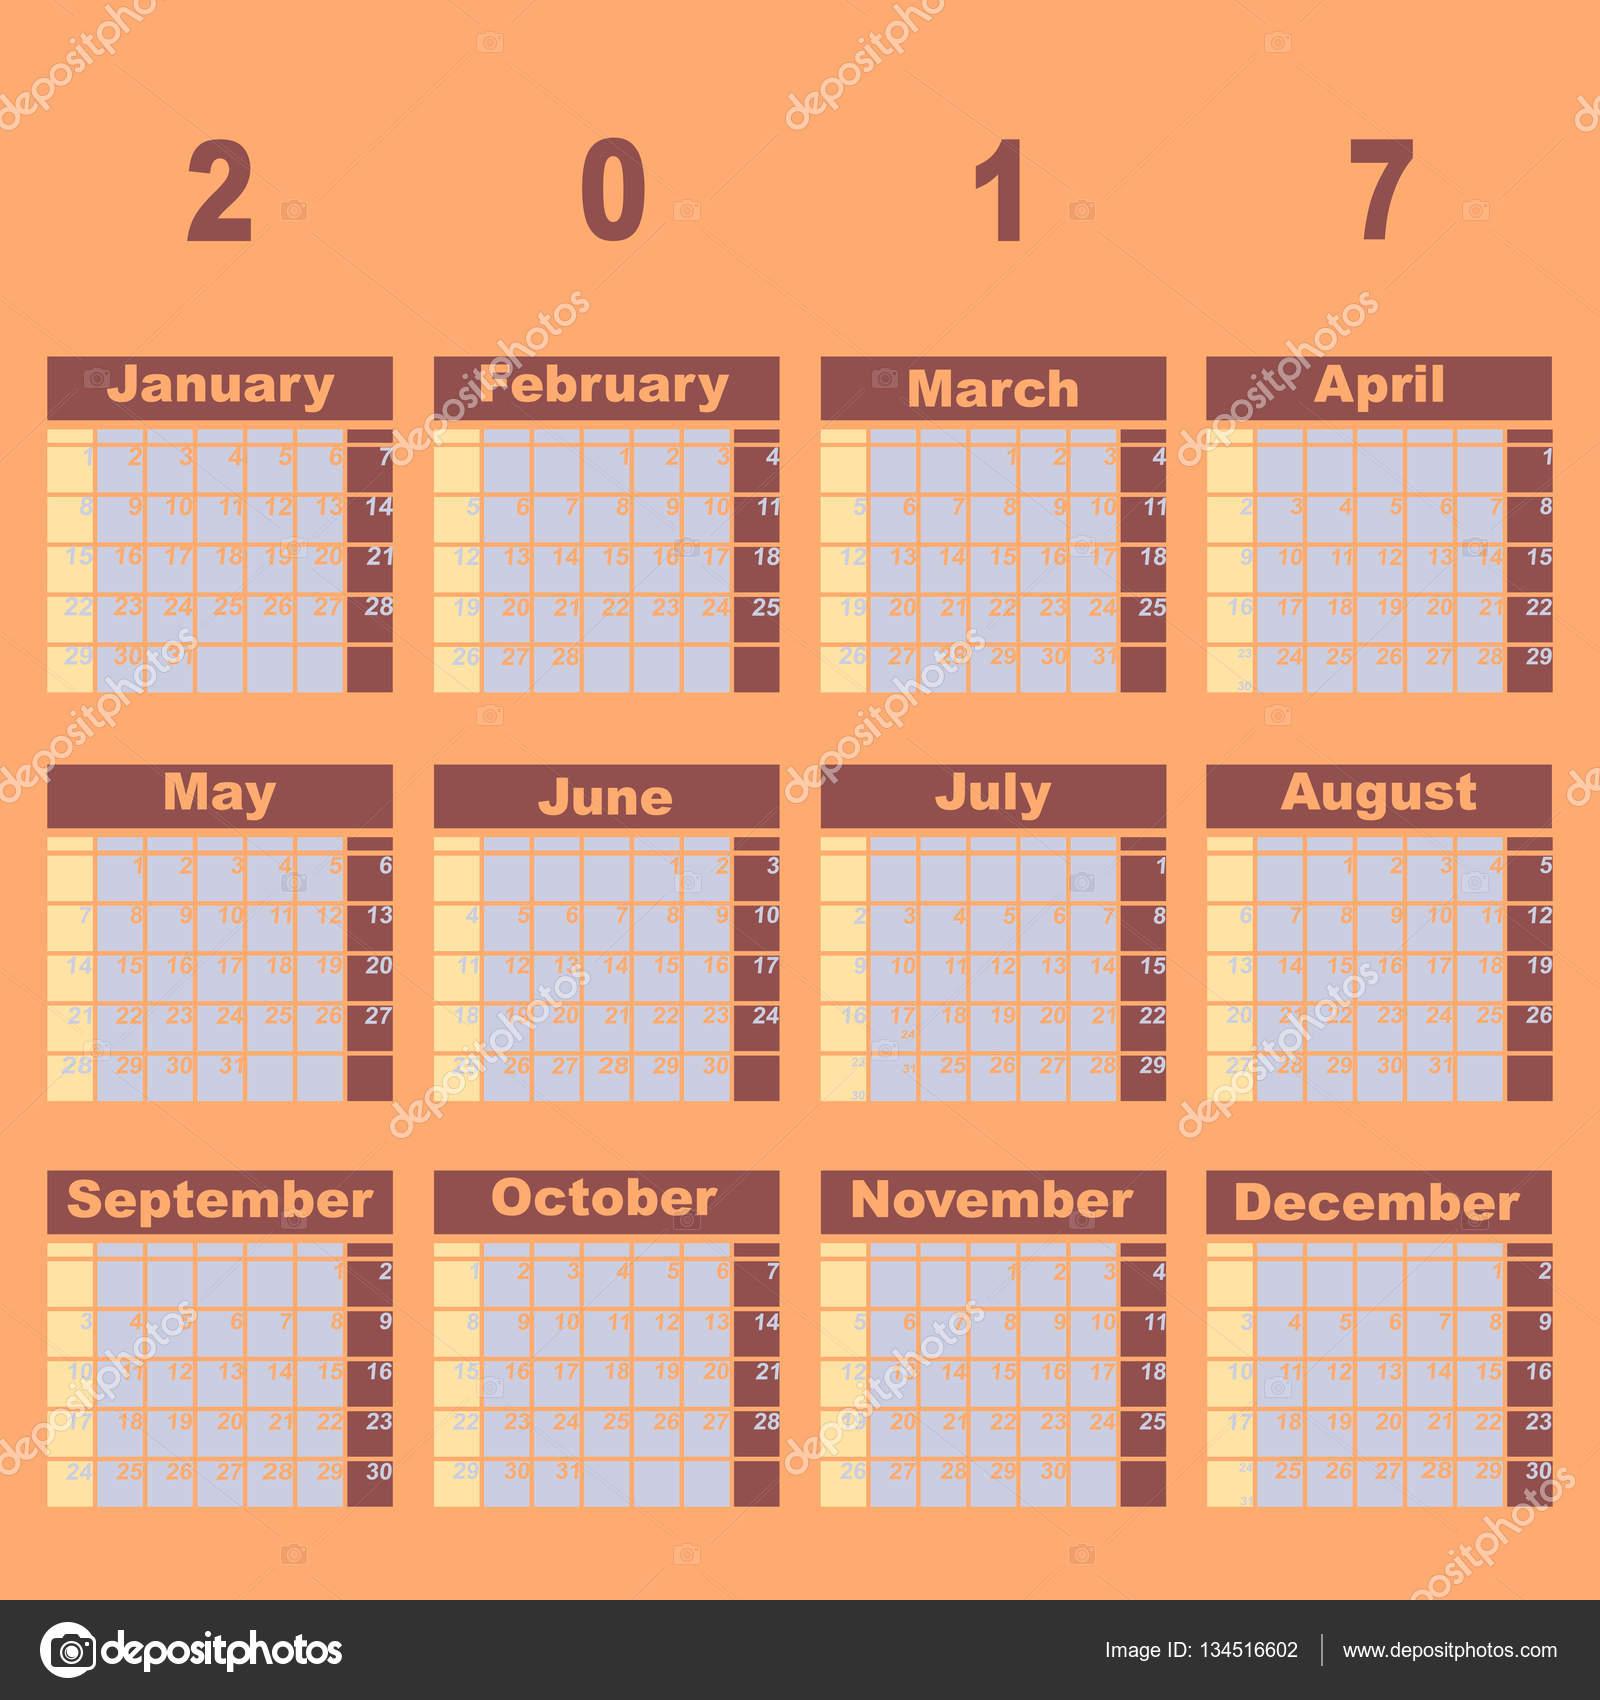 Plantilla de calendario de demo 2017 color natural — Archivo ...